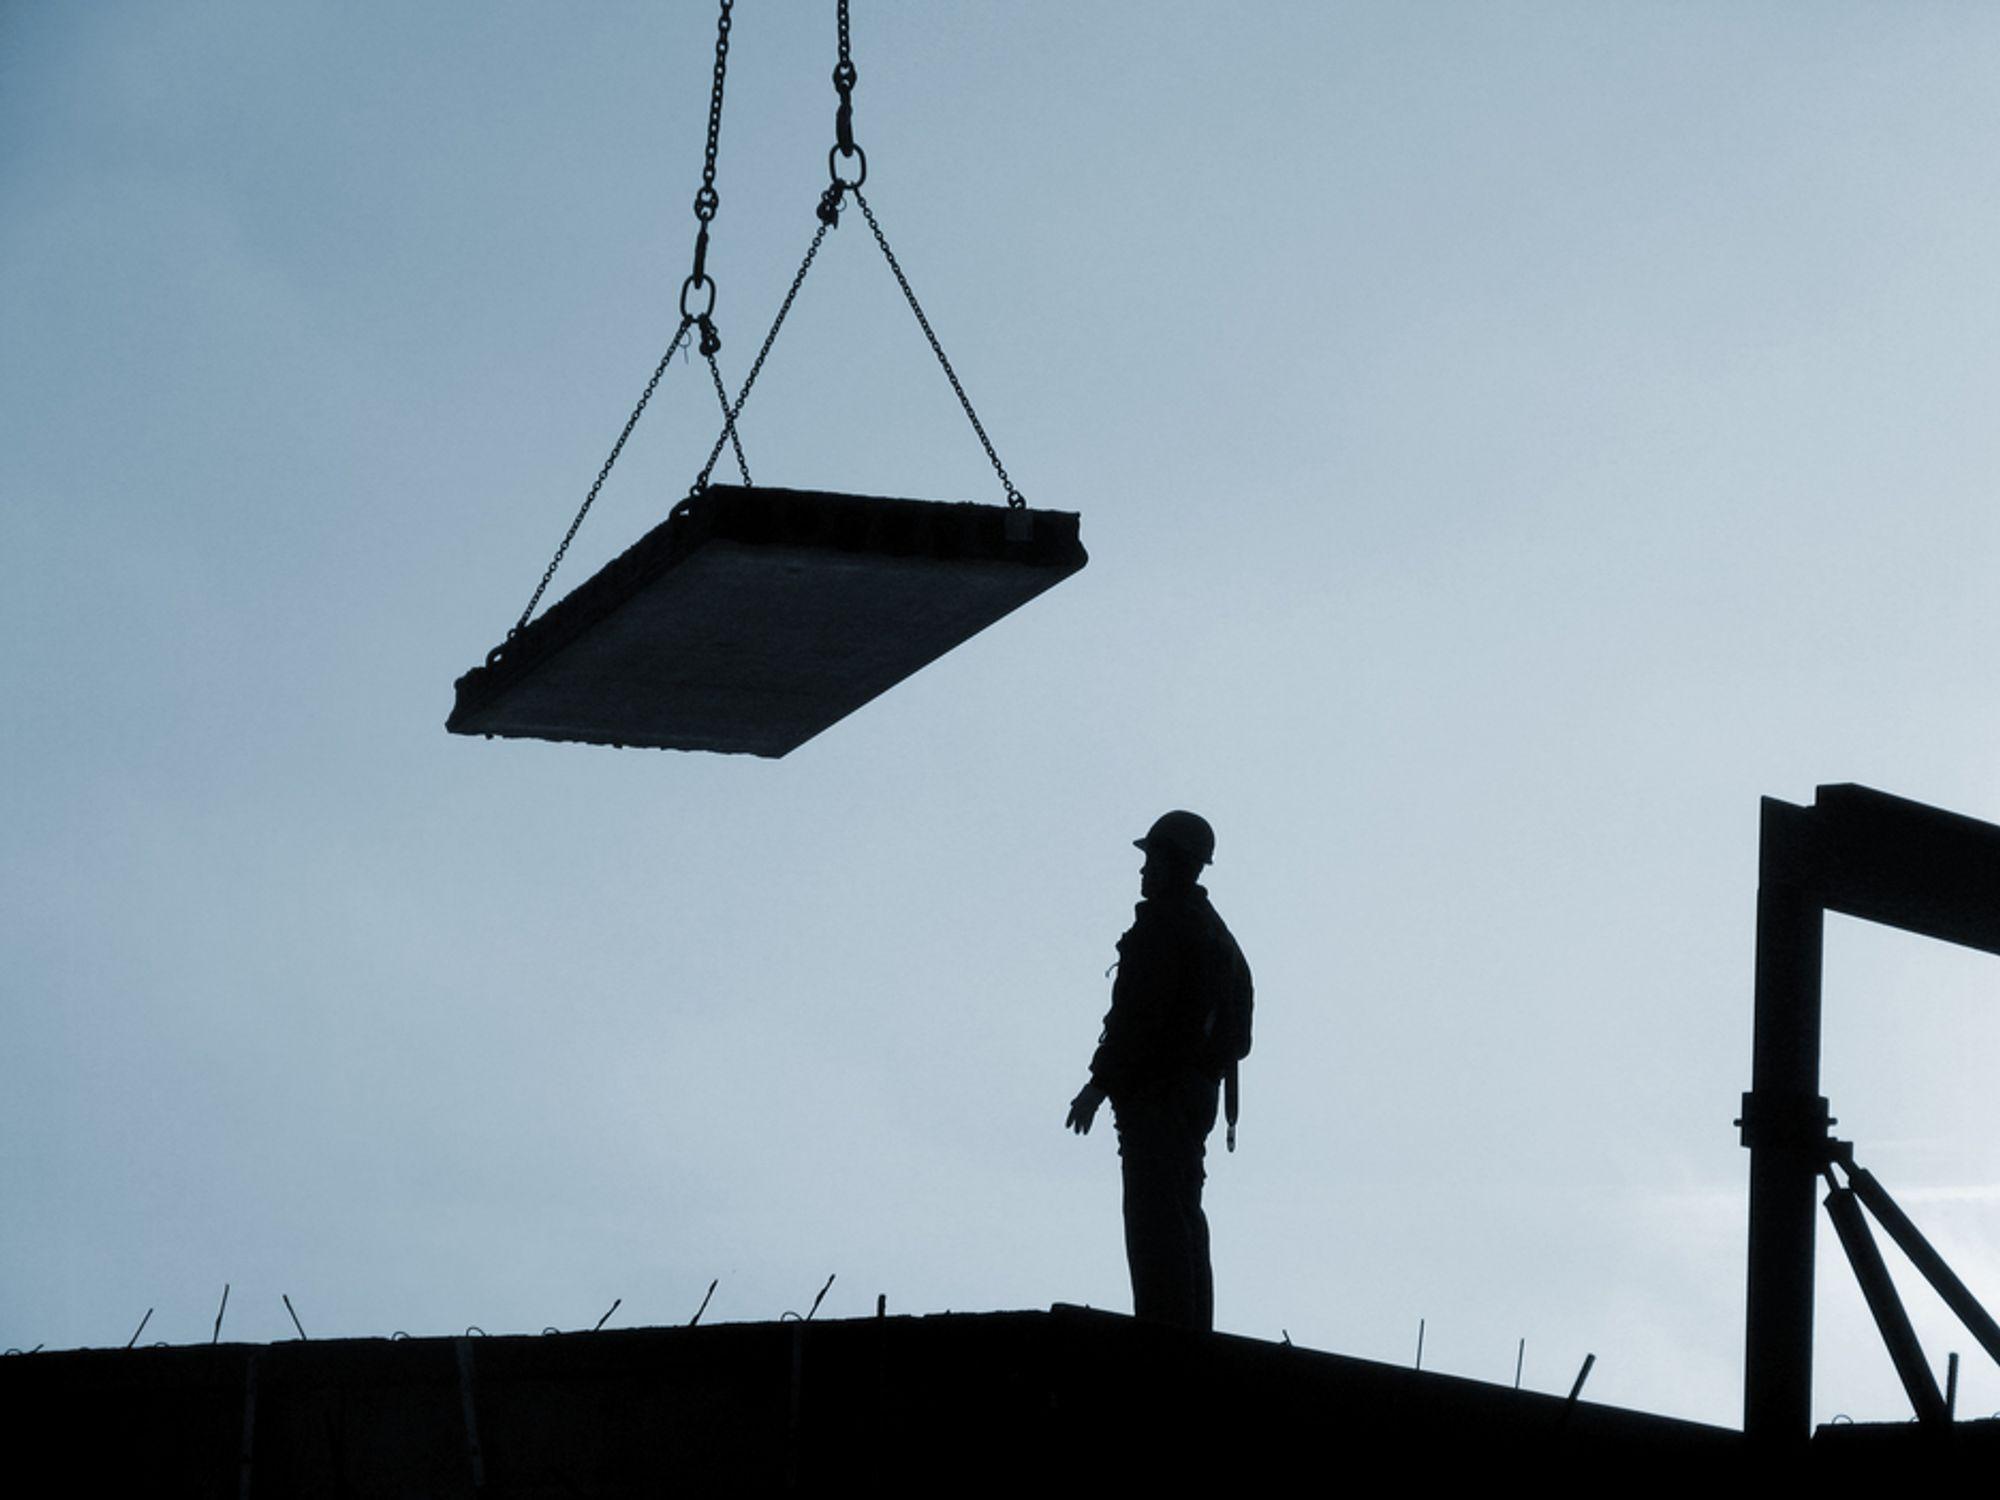 En tredjedel av lederne i en KPMG-undersøkelse tror på oppbemanning i byggebransjen neste år.